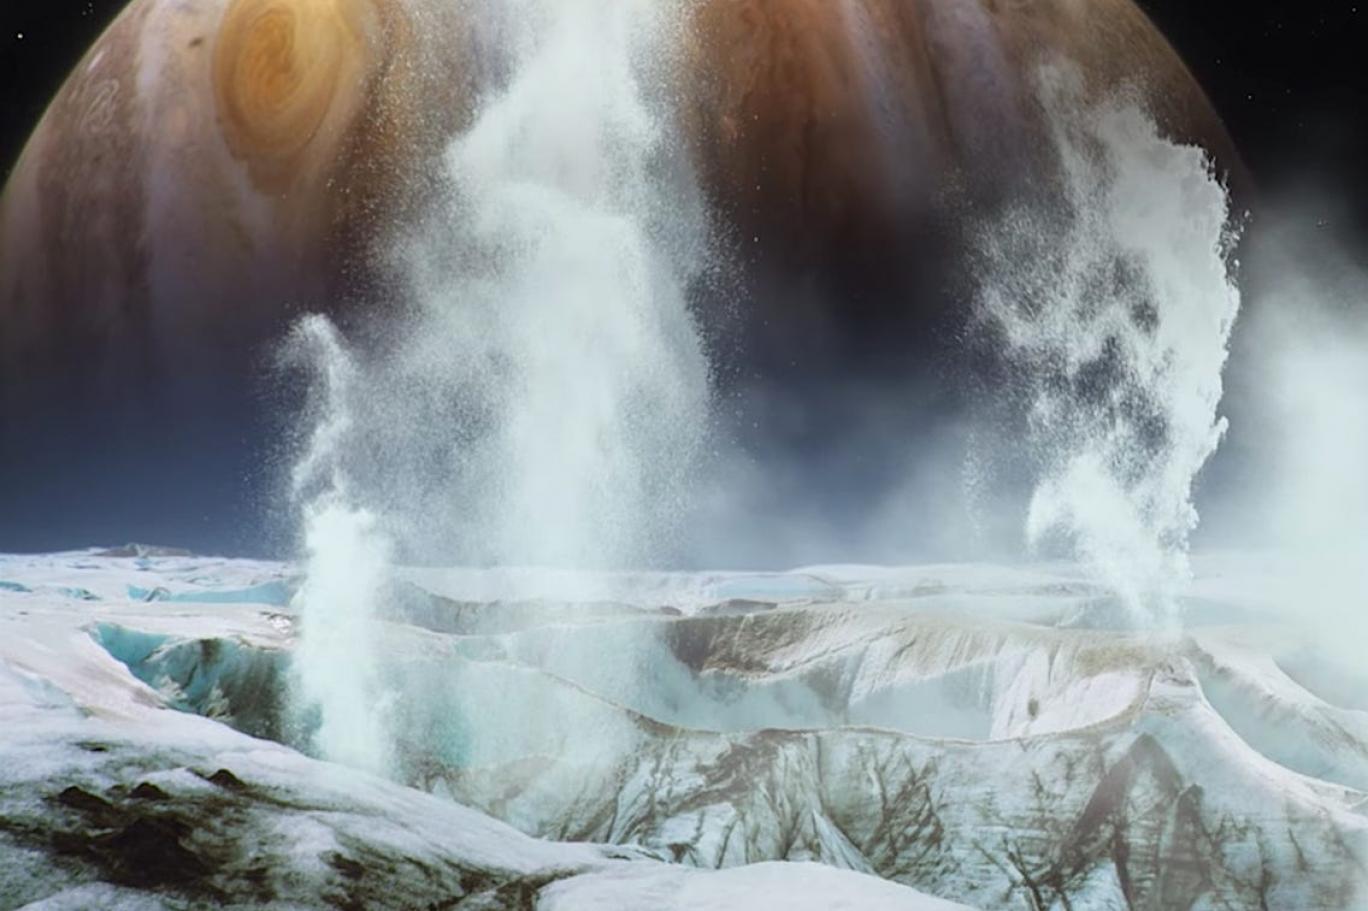 Mars Görevi Sadece Başlangıç: NASA, Nereleri Ziyaret Etmeyi Hedefliyor?